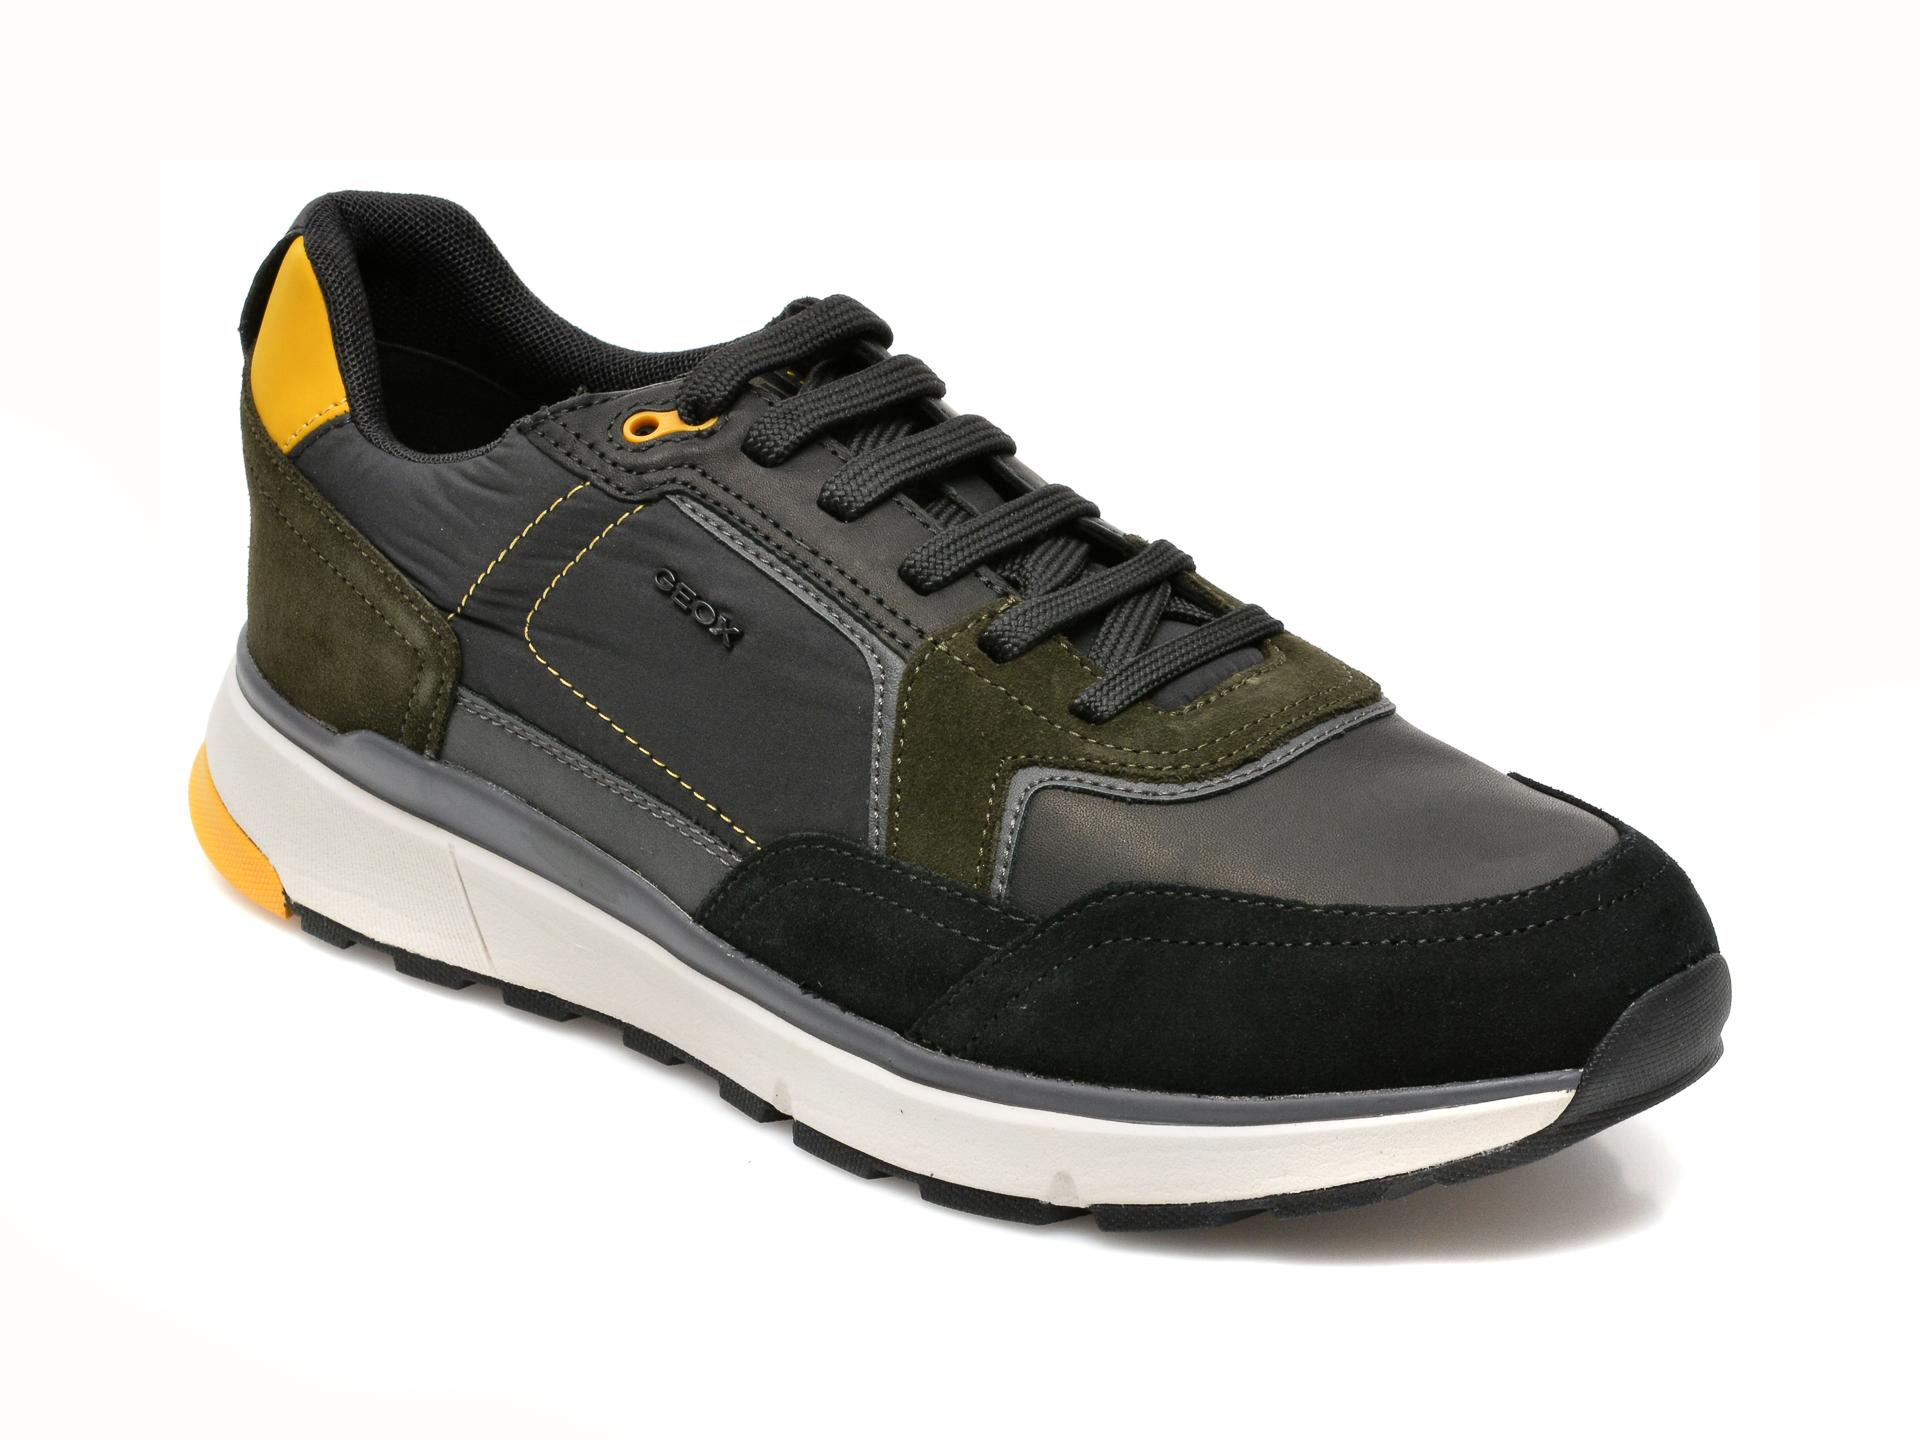 Pantofi sport GEOX negri, U16DQA, din material textil si piele intoarsa imagine 2021 Geox